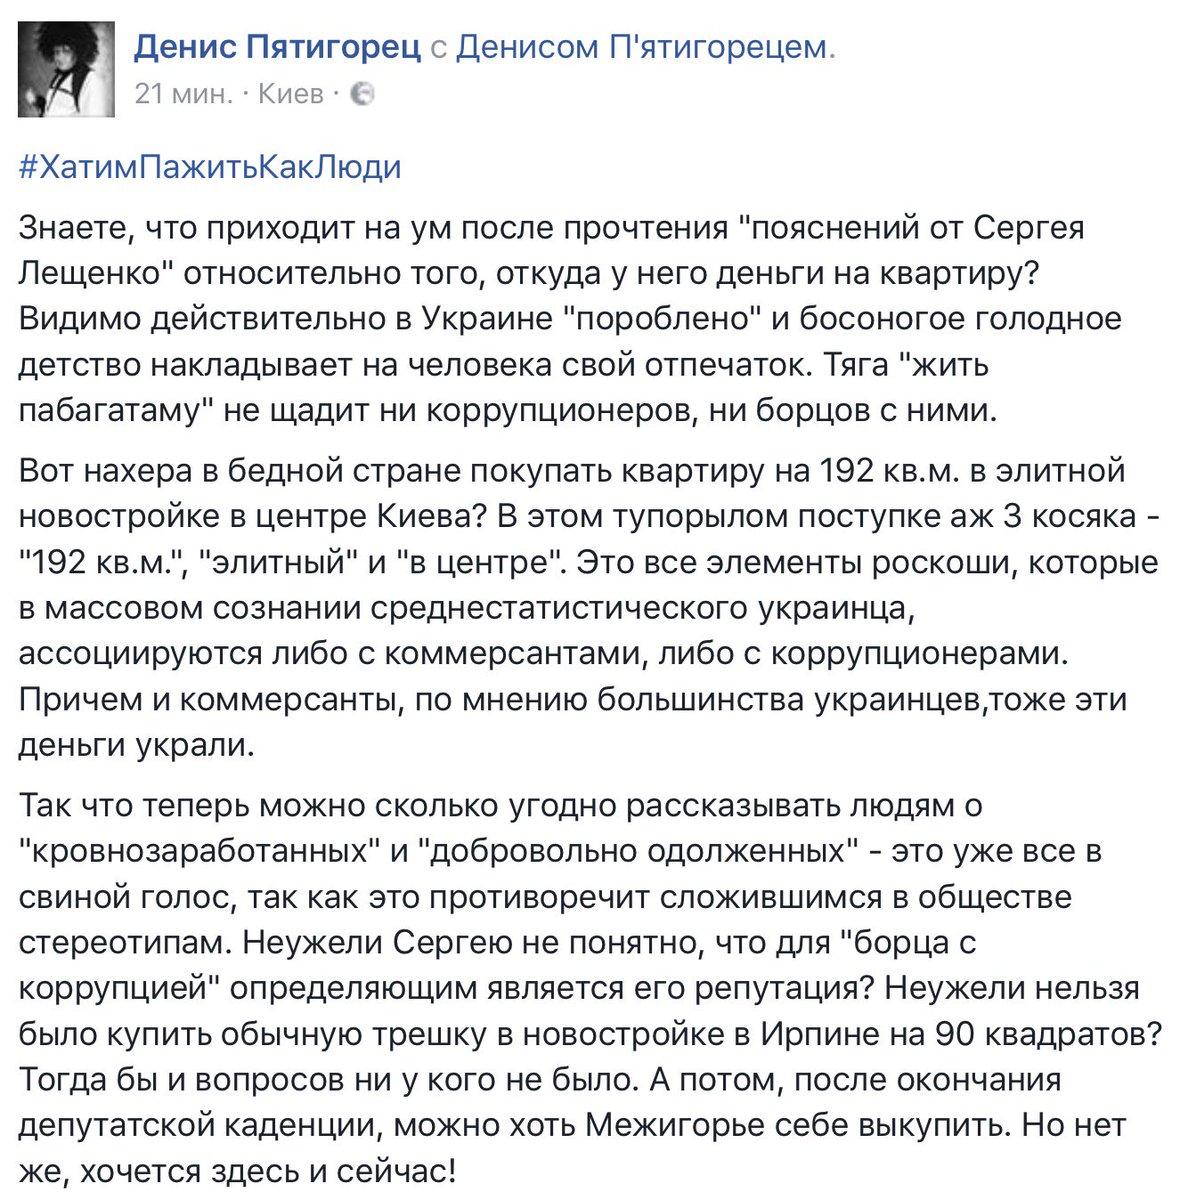 """""""Сегодня помощь Украине нужна настолько, насколько Украина сегодня нужна Европейскому Союзу"""", - Гройсман - Цензор.НЕТ 8725"""